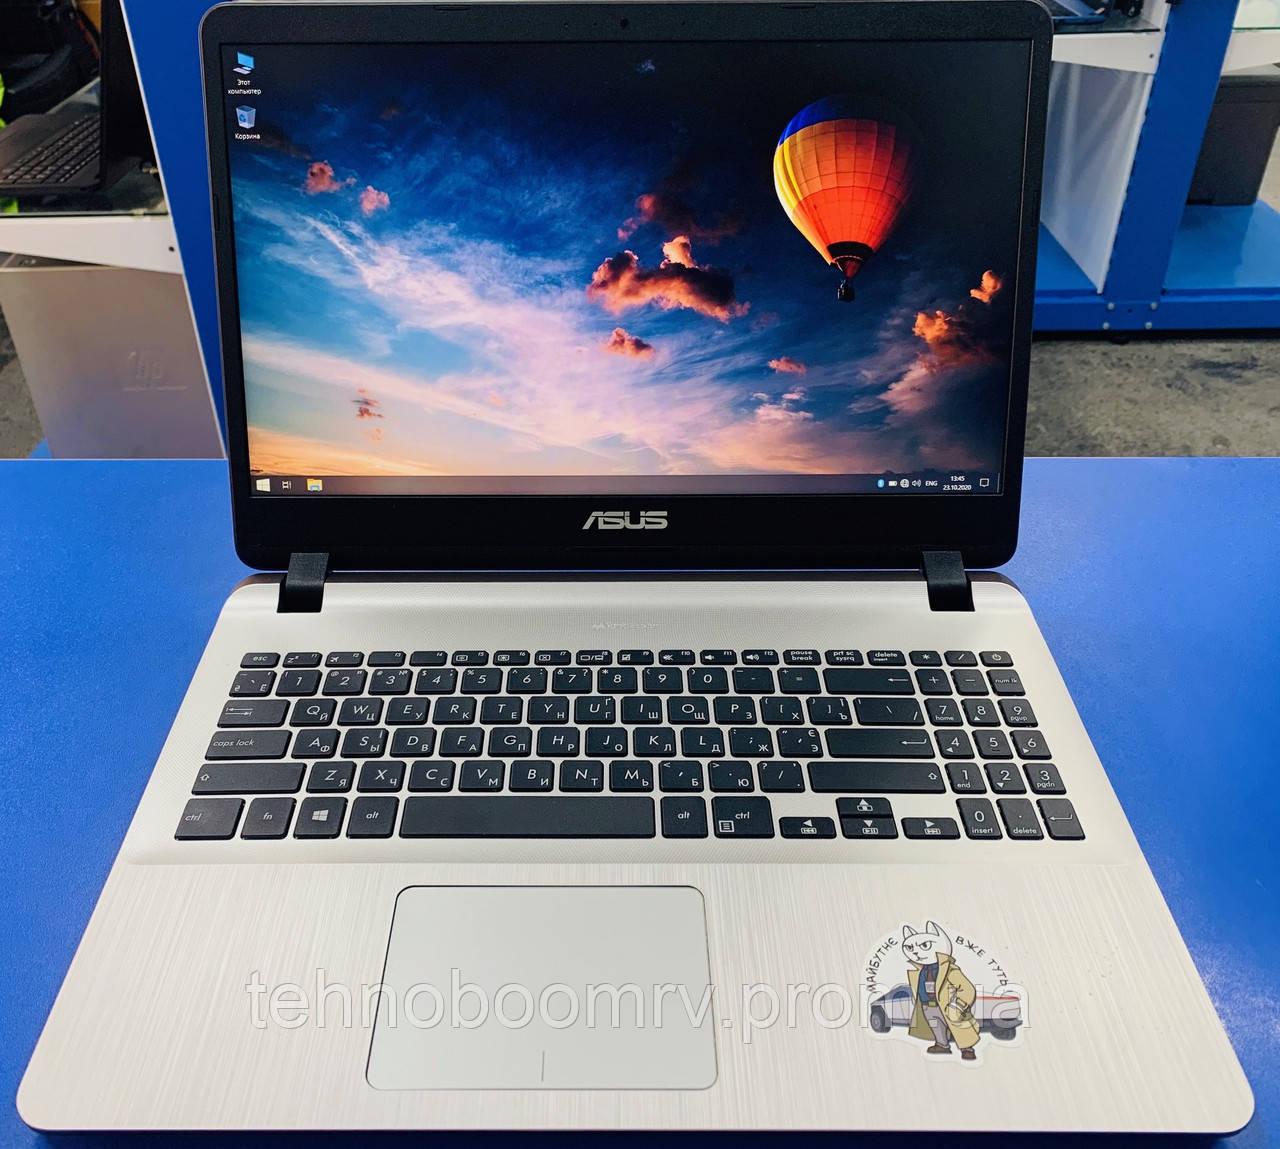 ASUS/15.6 FHD/Intel Core i3-7020U 2.3GHz/DDR4 8GB/HDD 1TBНет в наличии